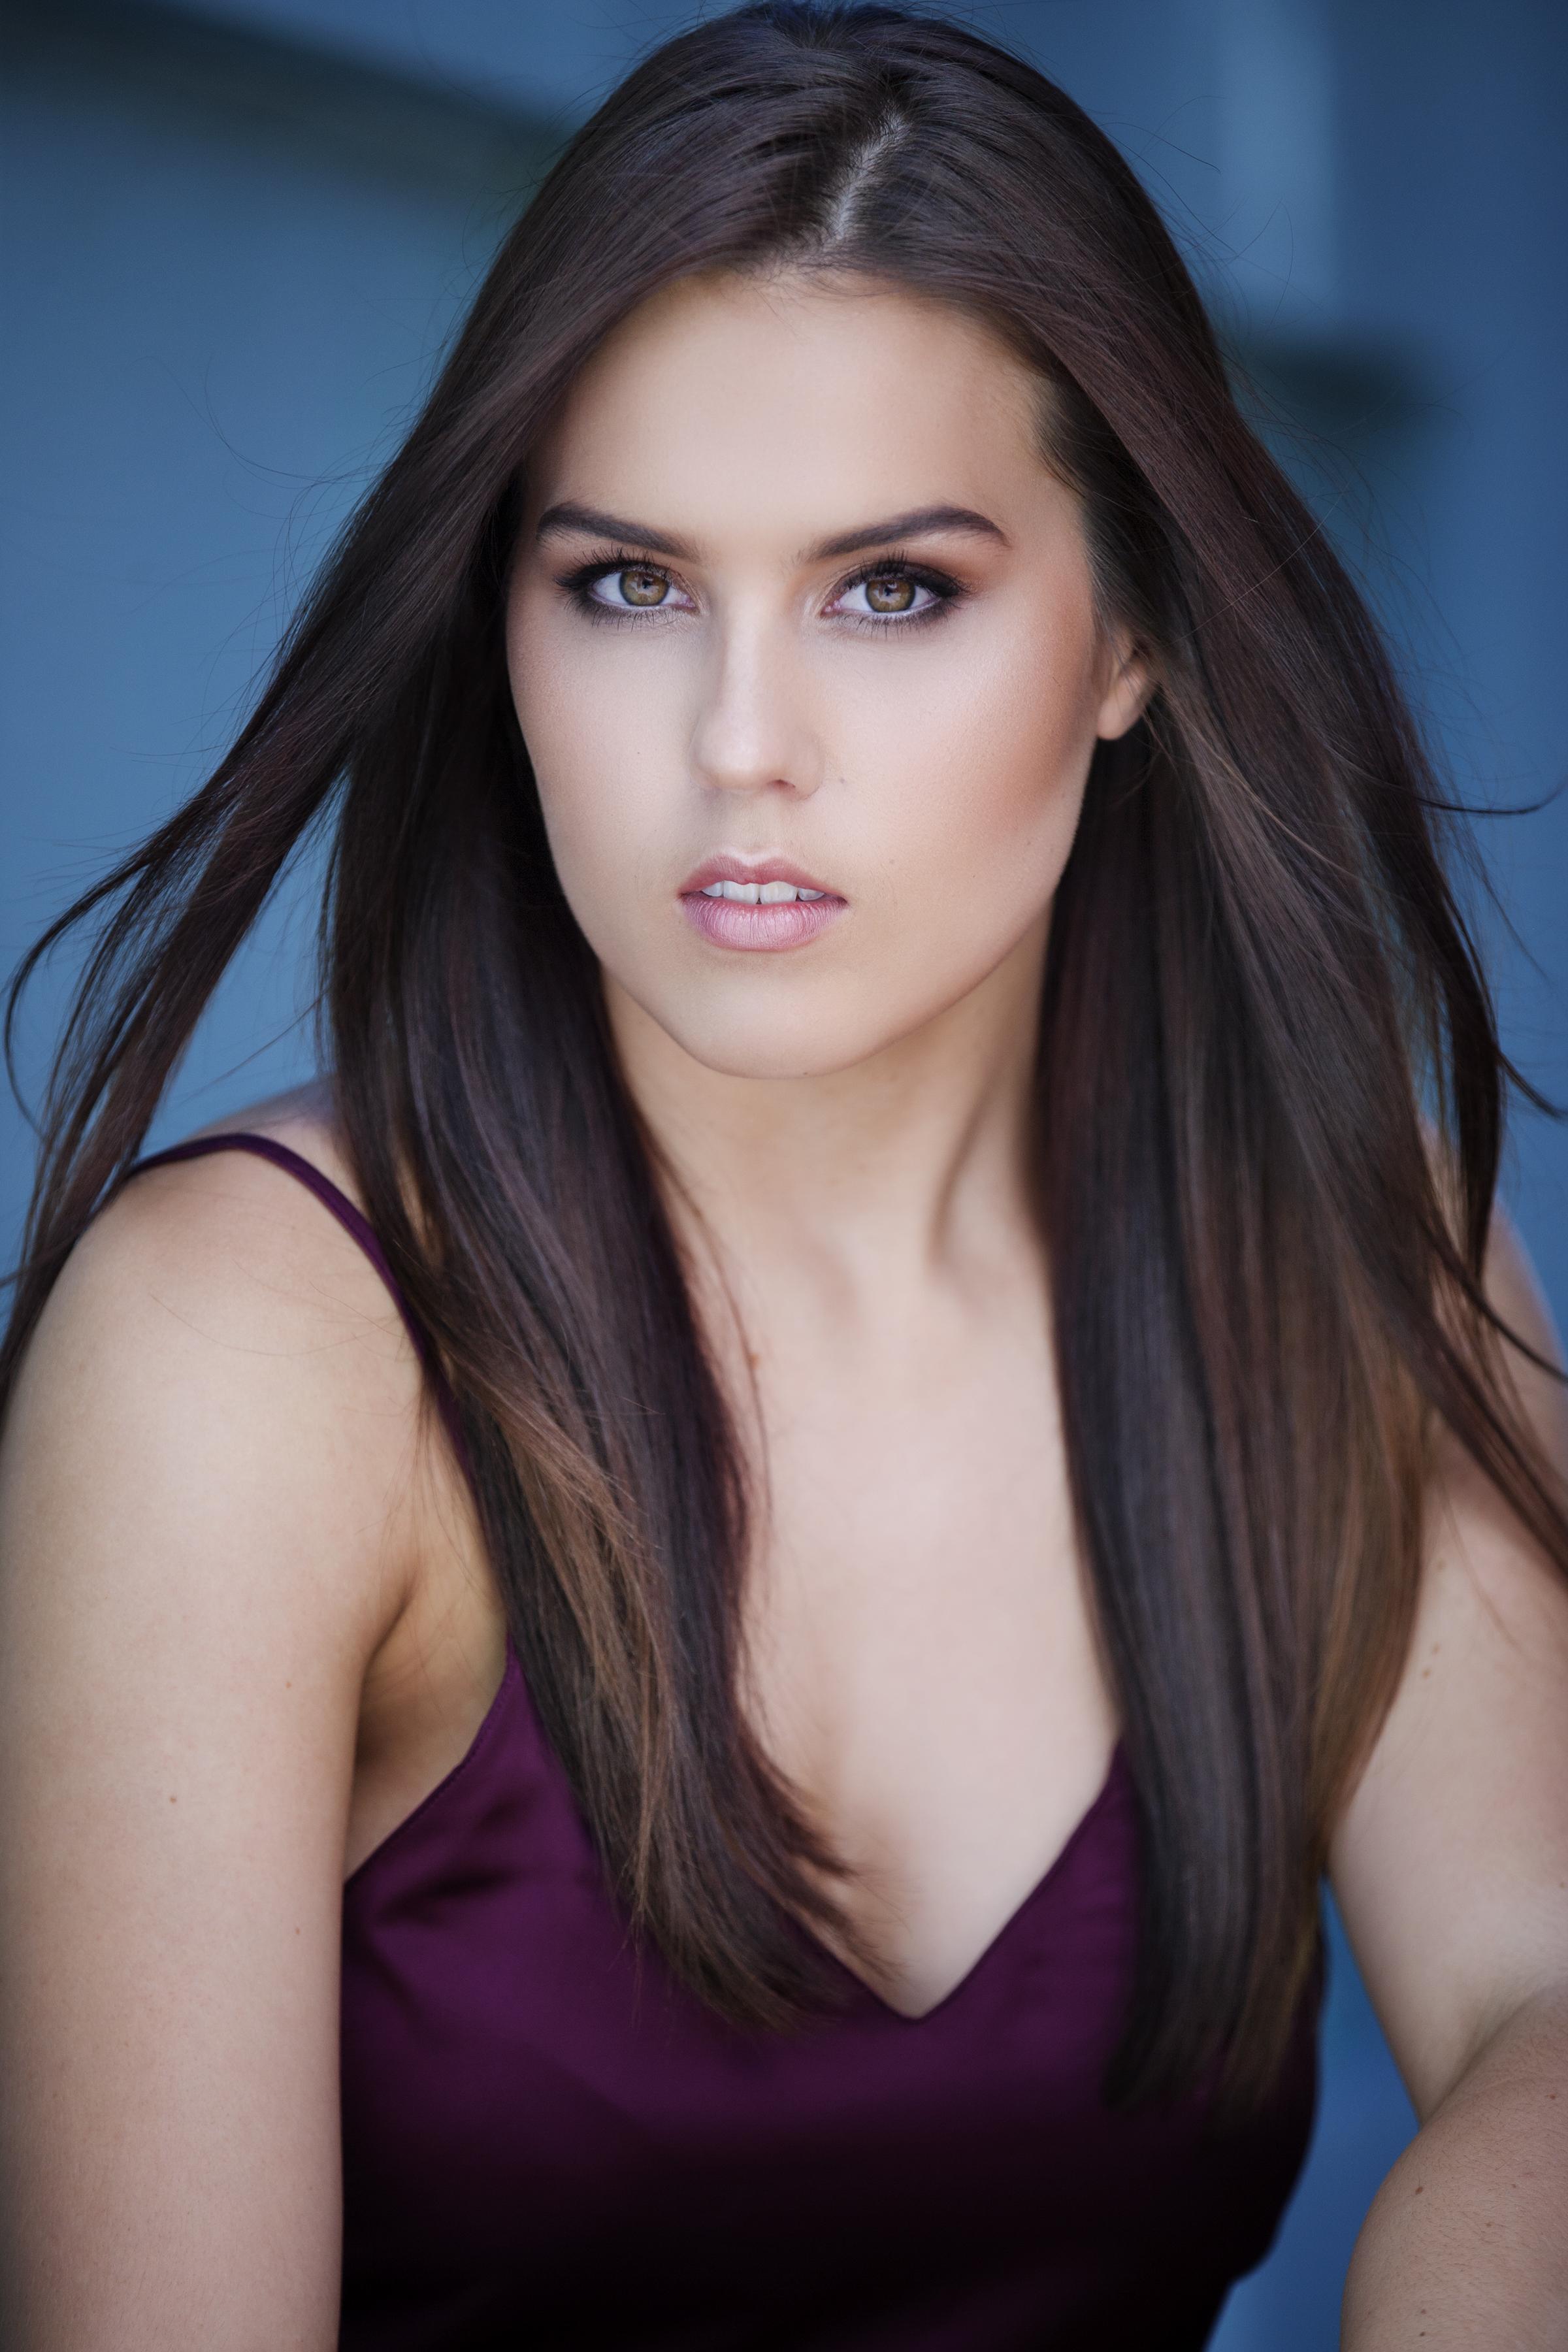 Sarah Atkins